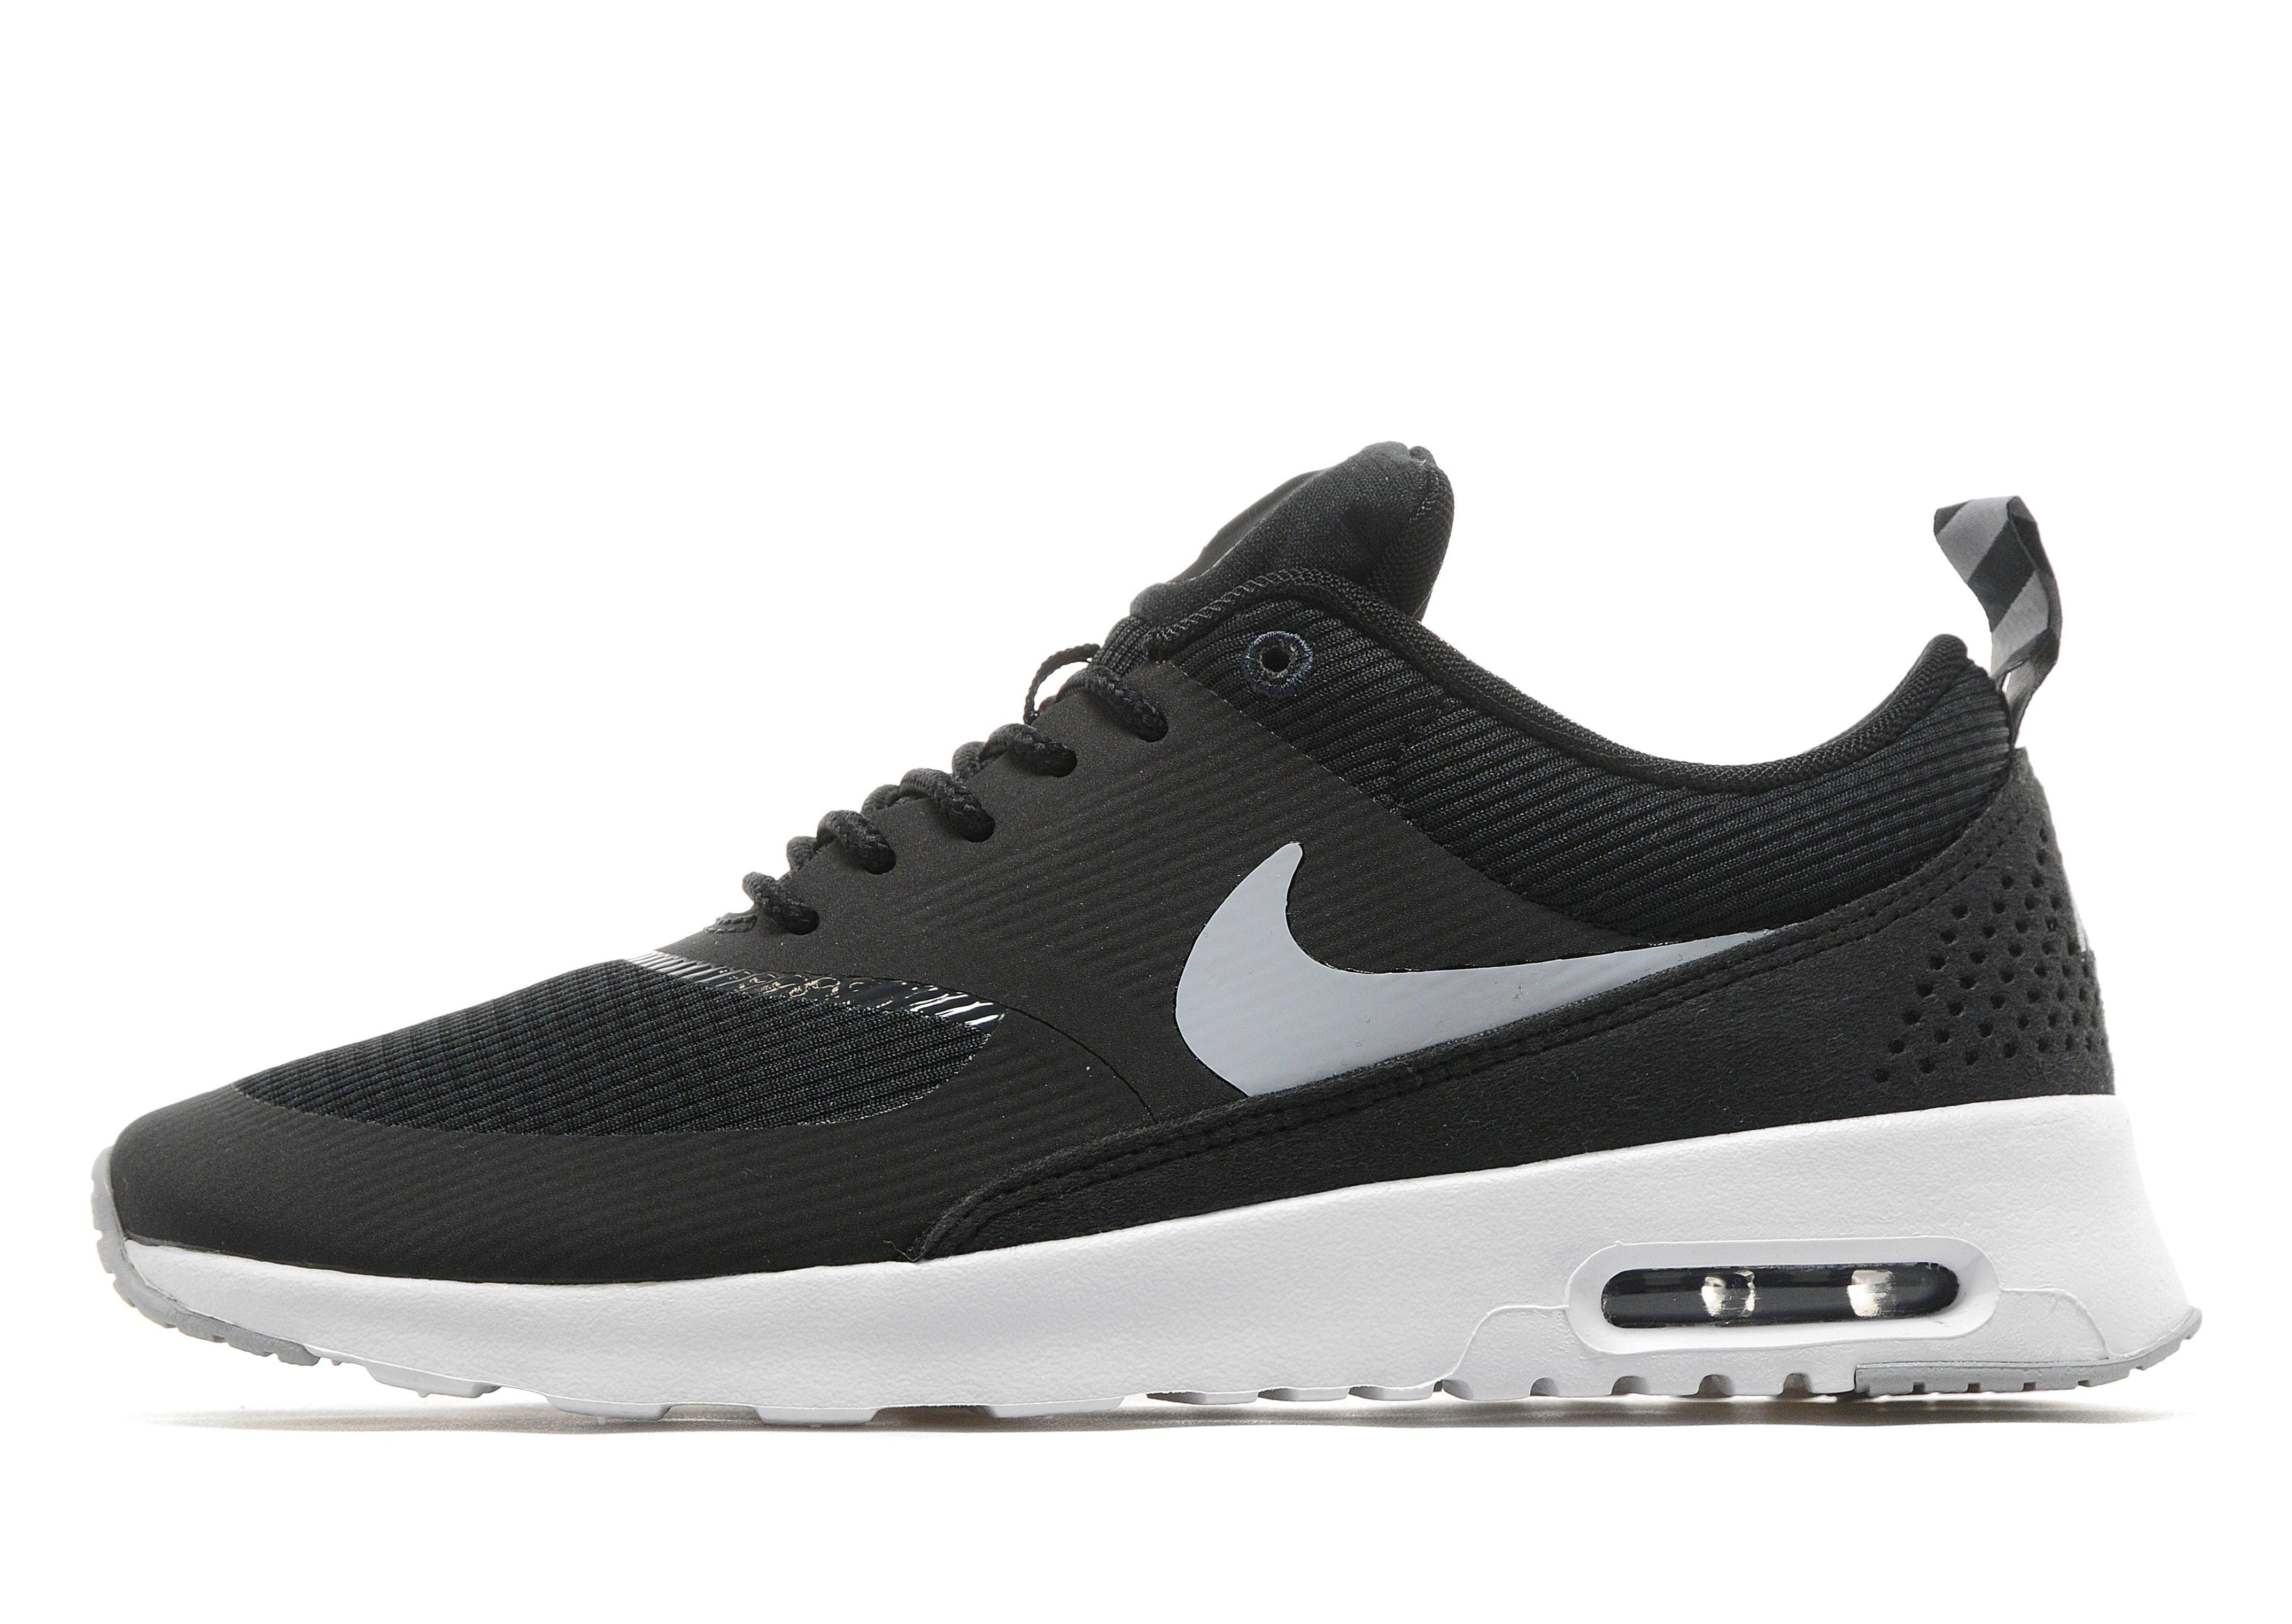 Nike Thea Air Max Womens